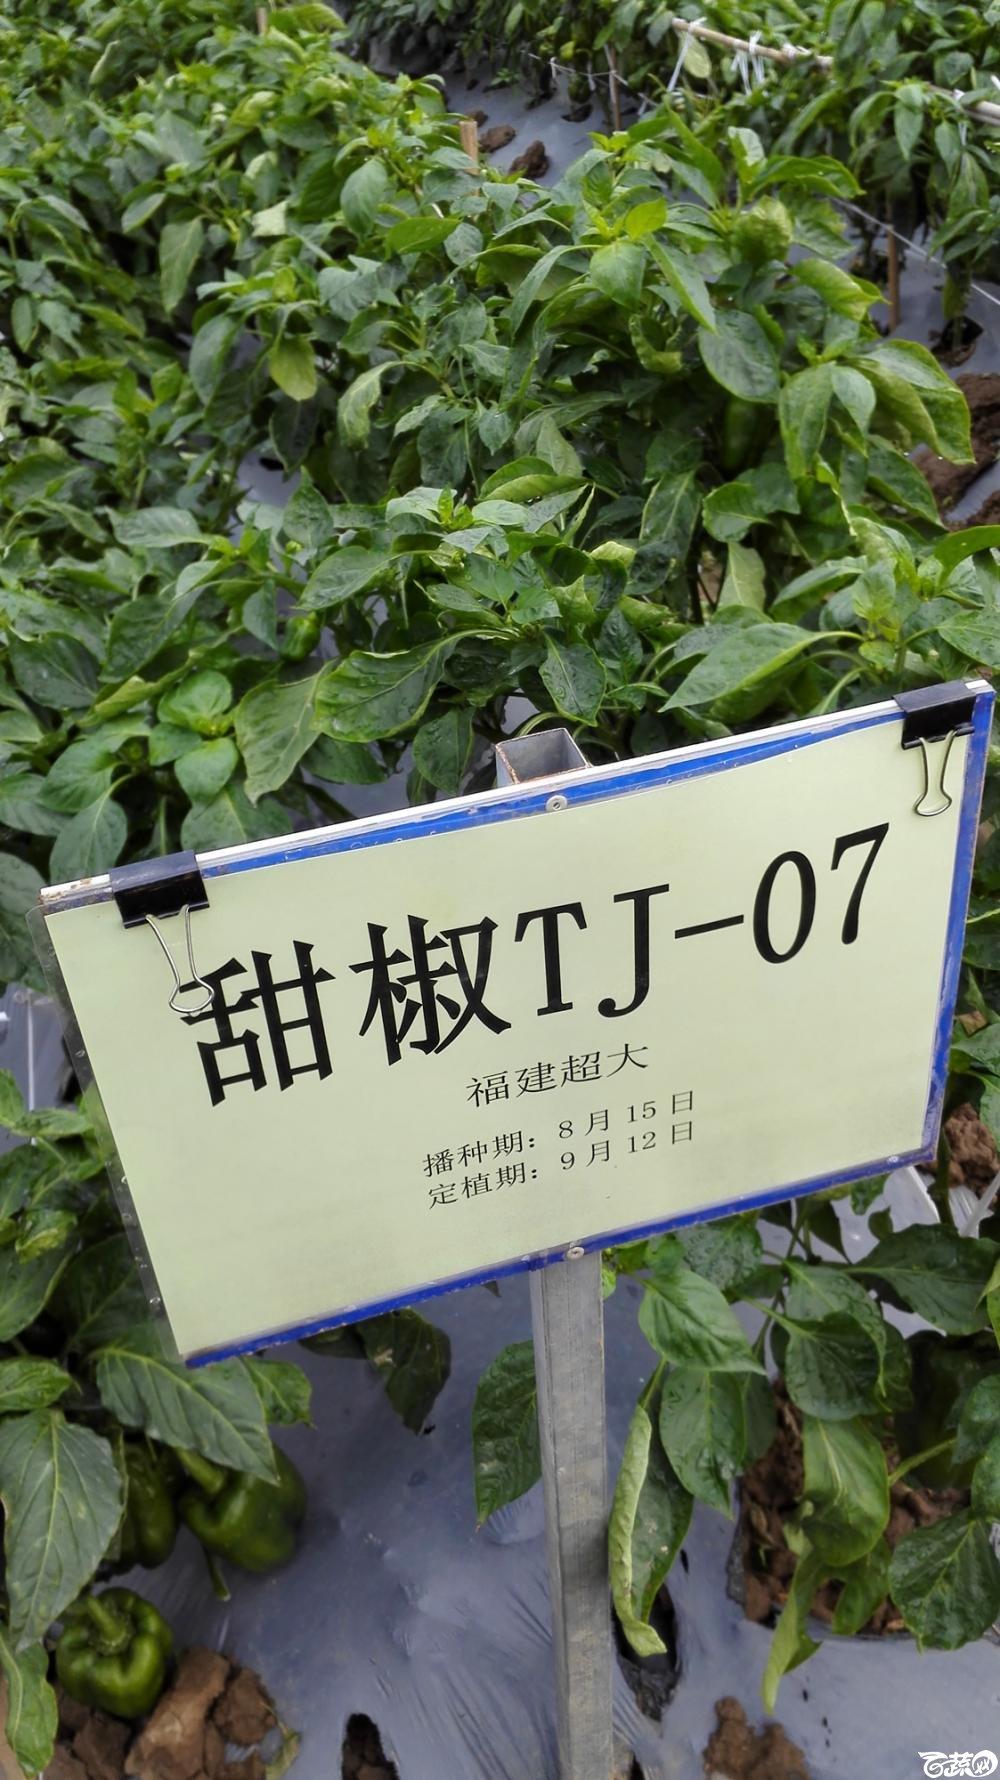 2014年12月8号中山蔬菜新品种展示会_辣椒_151.jpg